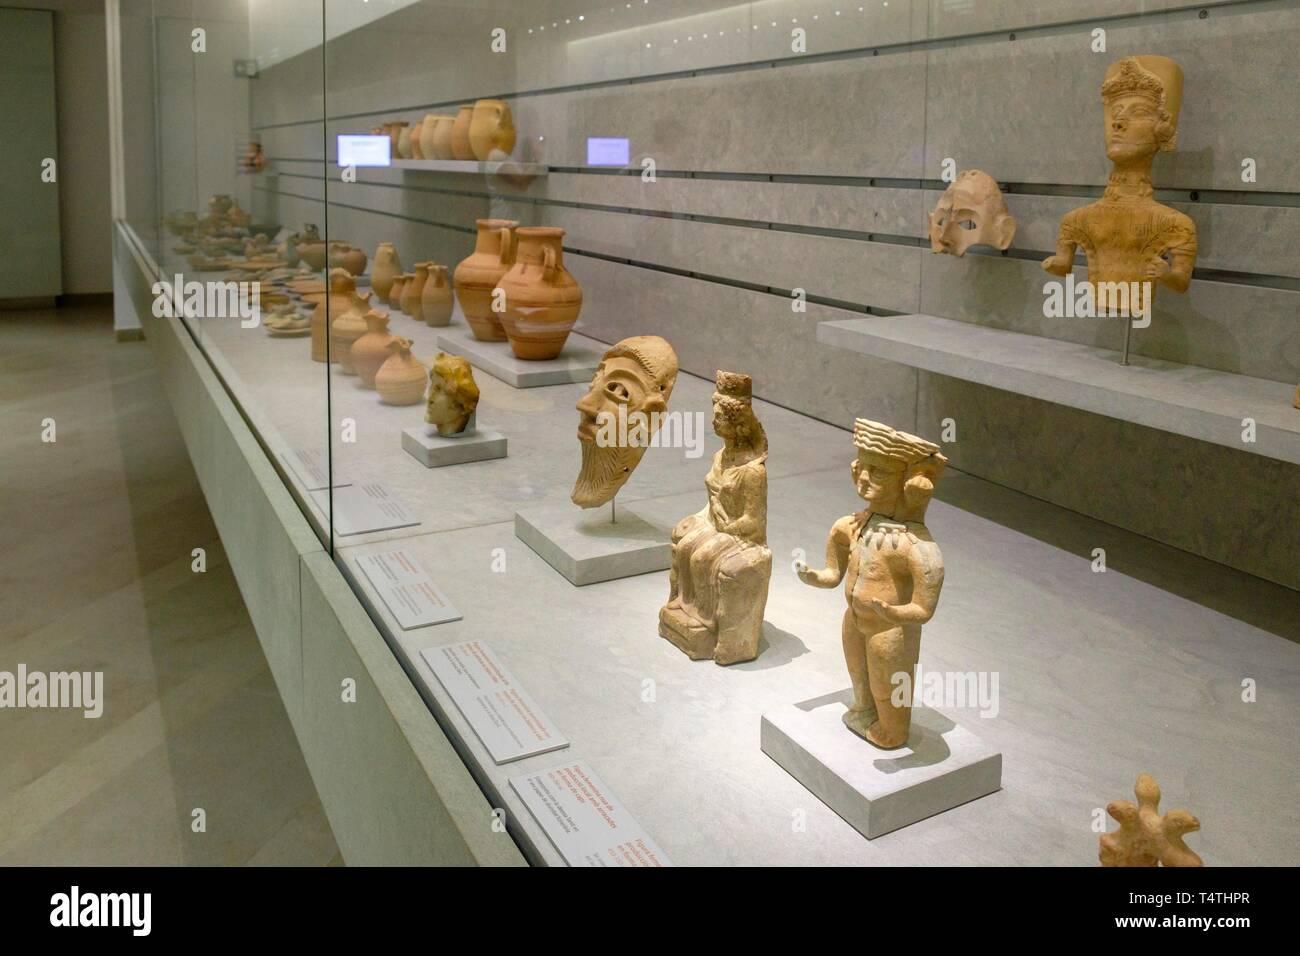 Museo arqueológico de Ibiza y Formentera, Patrimonio de la Humanidad «Ibiza, biodiversidad y cultura», Ibiza, balearic islands, Spain. - Stock Image